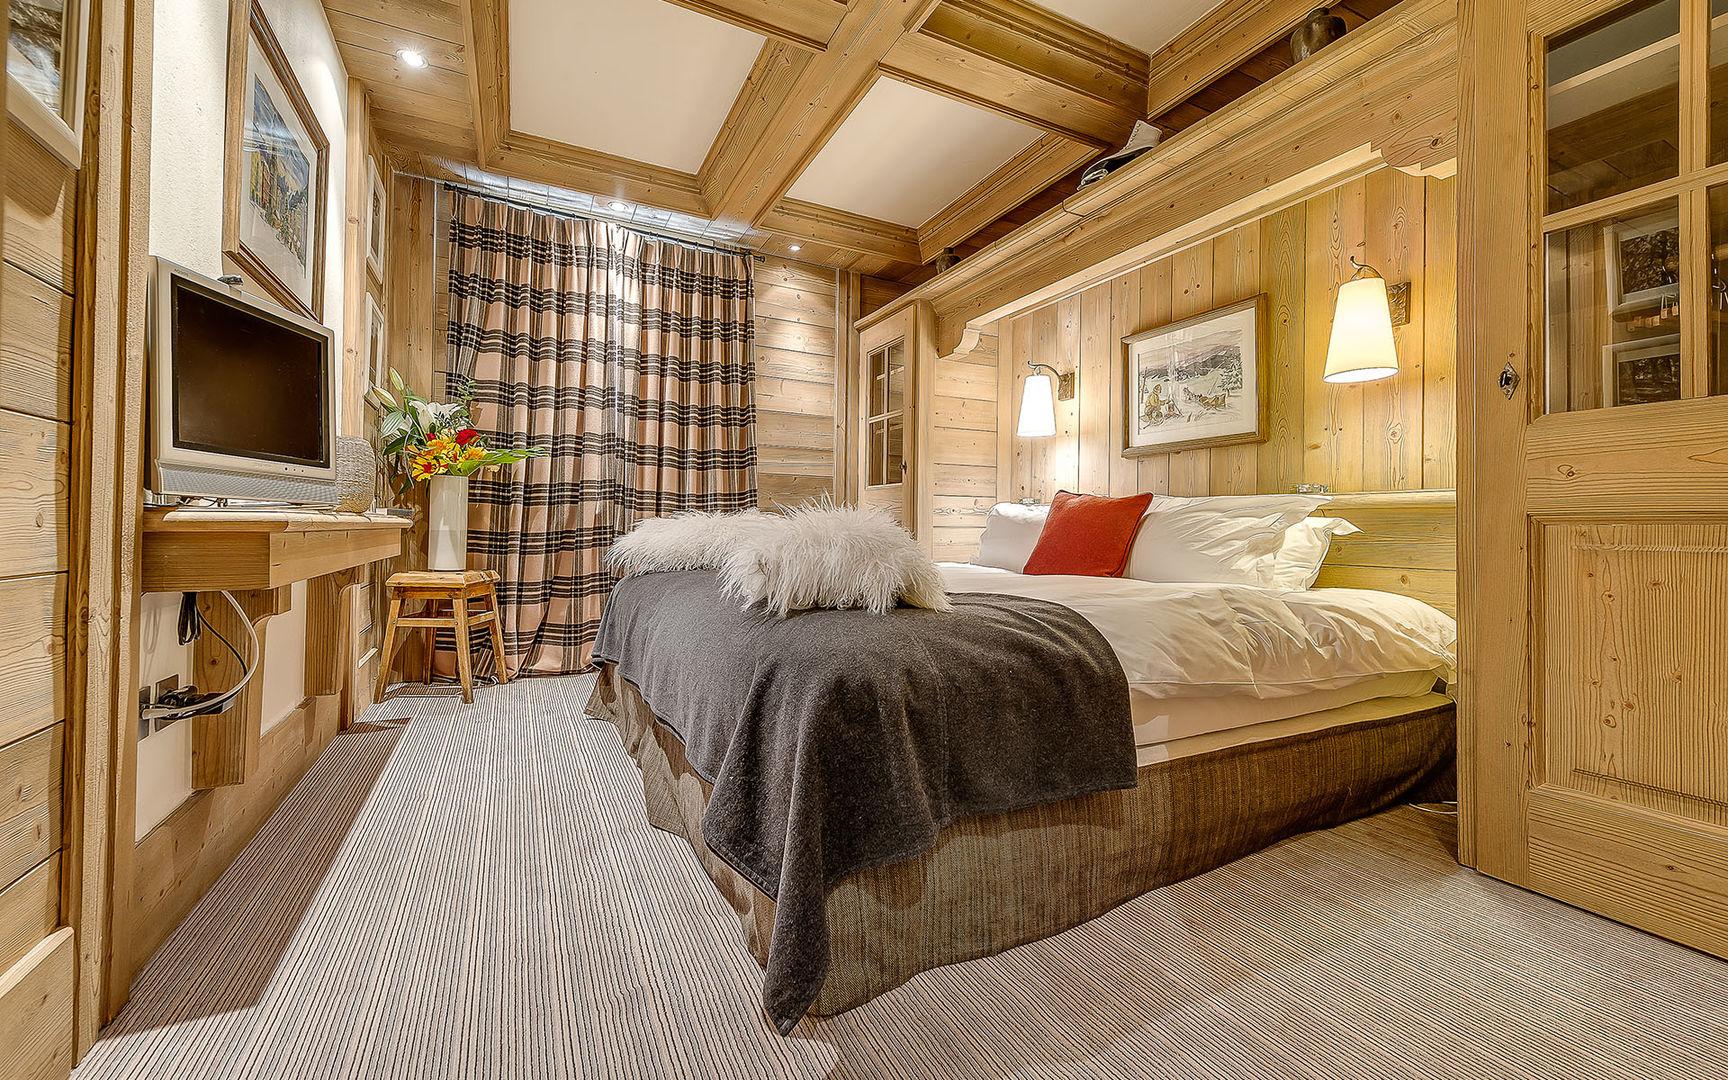 стиль шале в спальне фото озёра по-своему